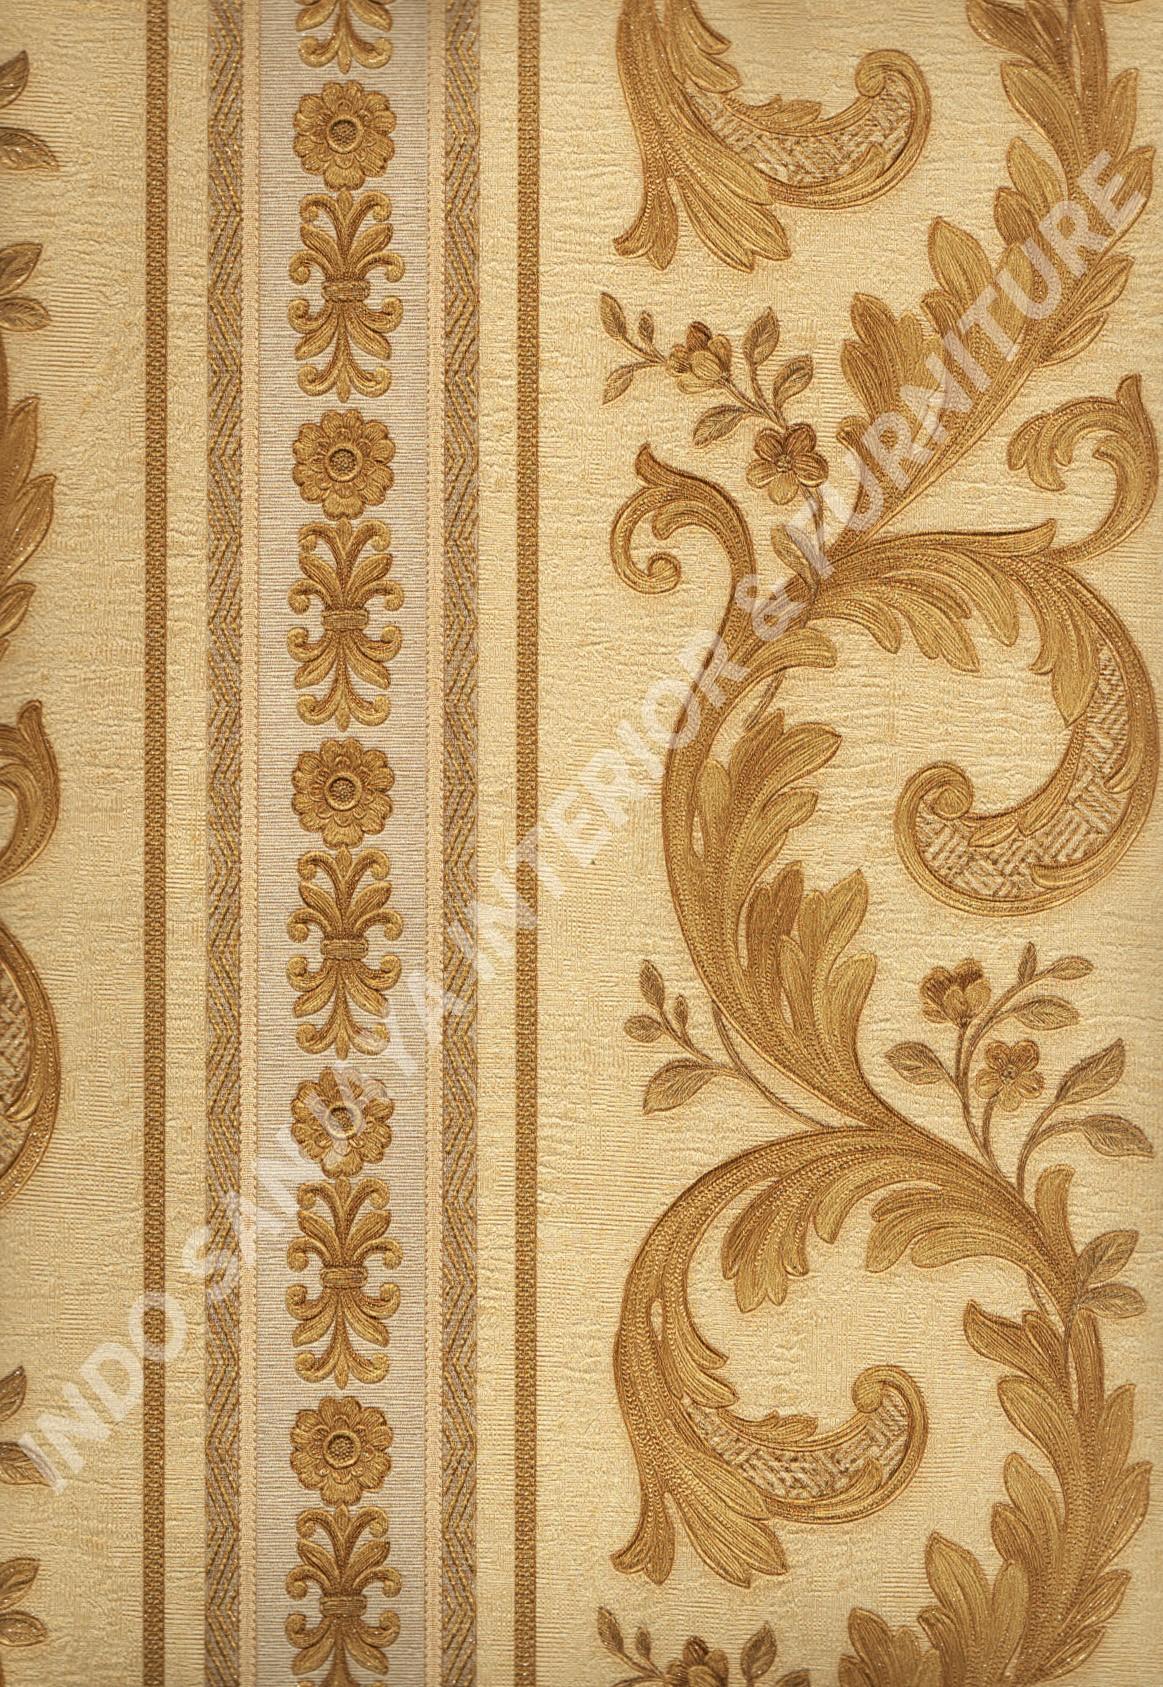 wallpaper   Wallpaper Klasik Batik (Damask) 51007-3:51007-3 corak  warna